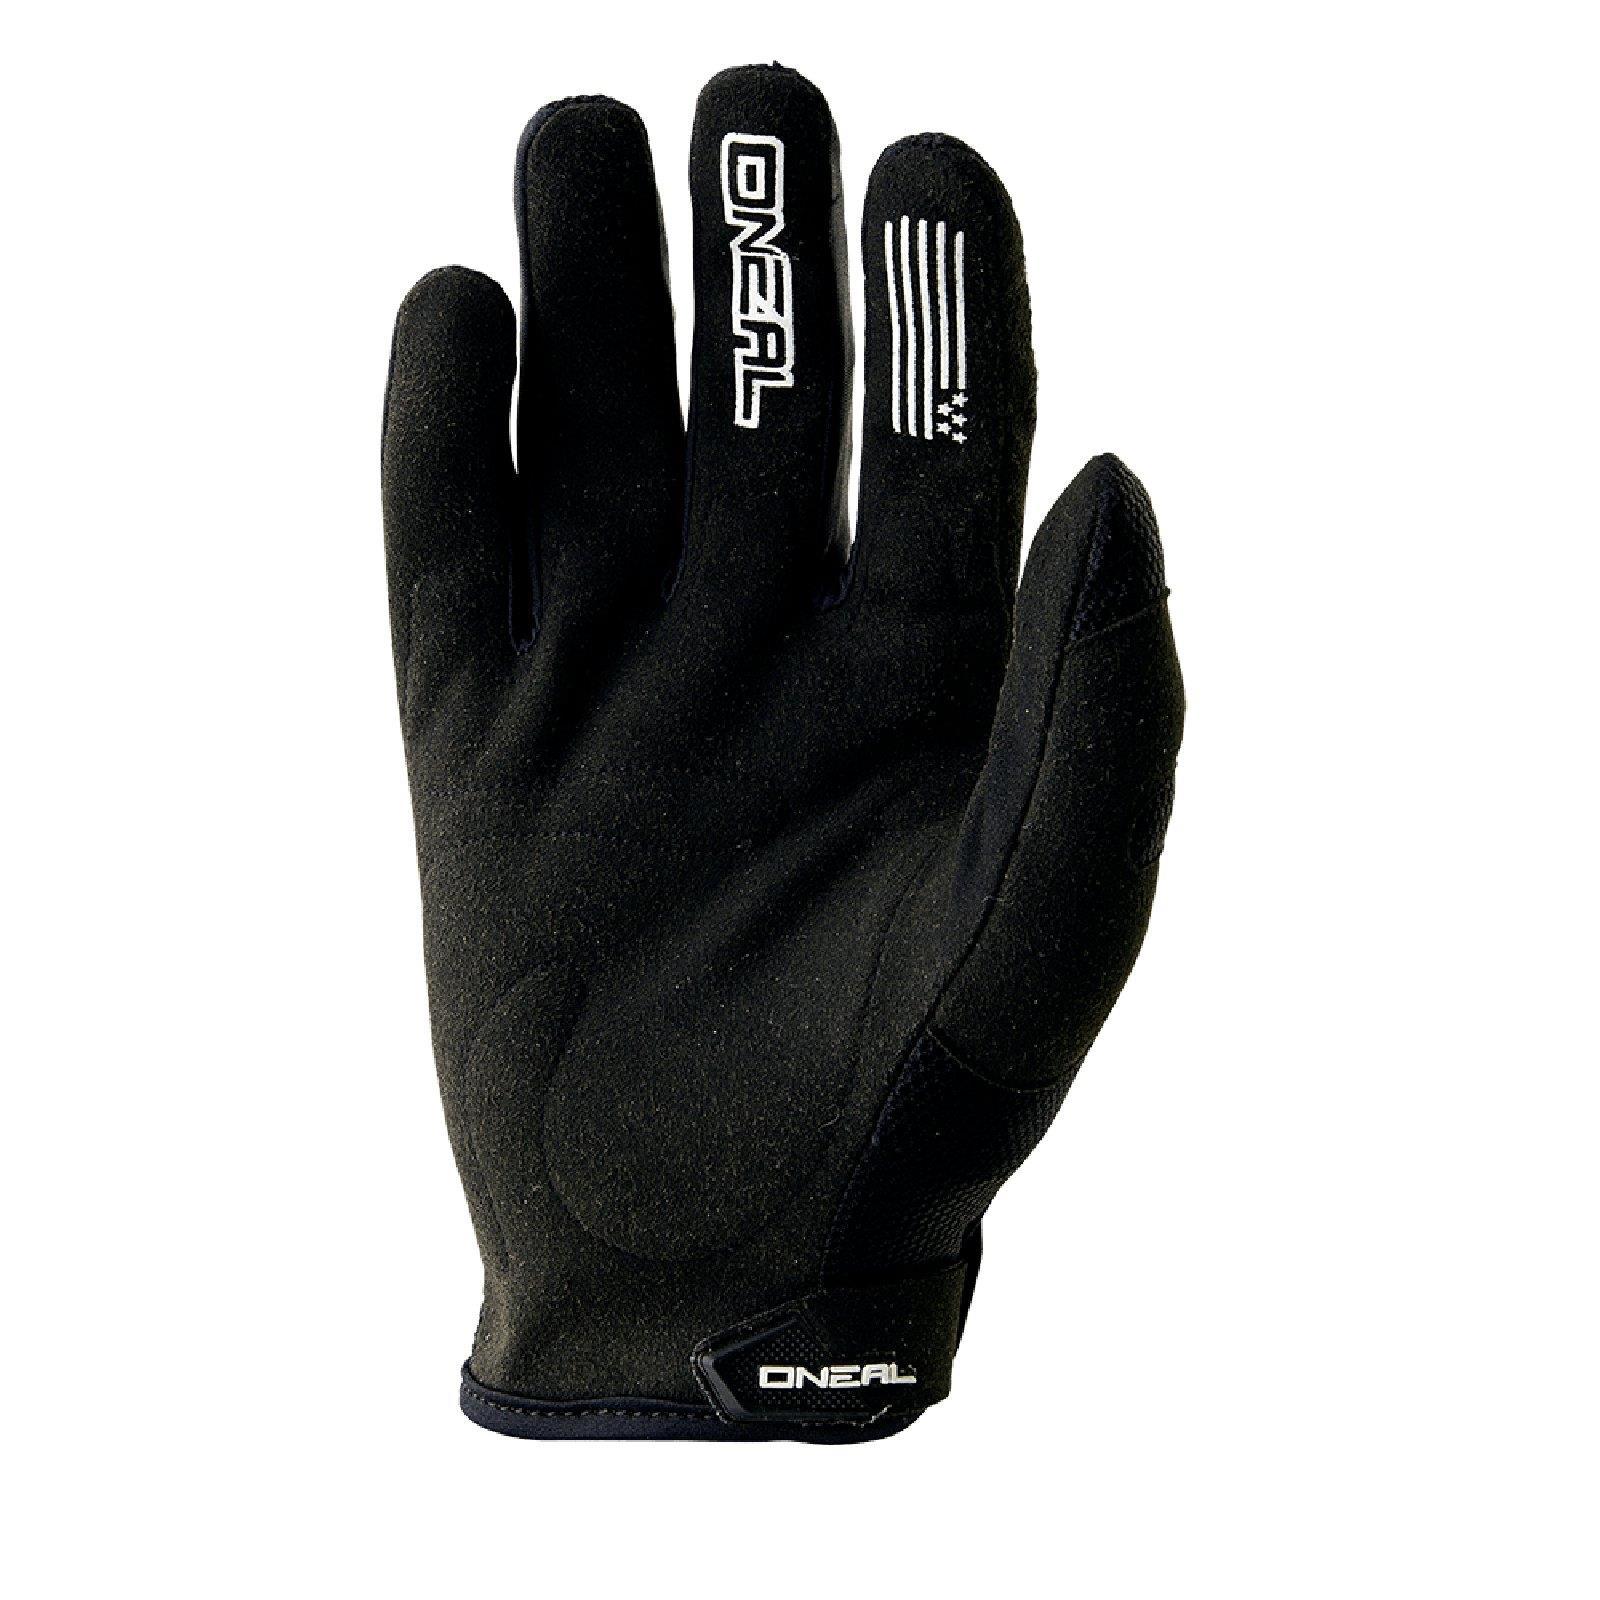 Oneal-elemento-MX-guantes-motocross-SX-enduro-Cross-moto-todo-terreno-todoterreno miniatura 3